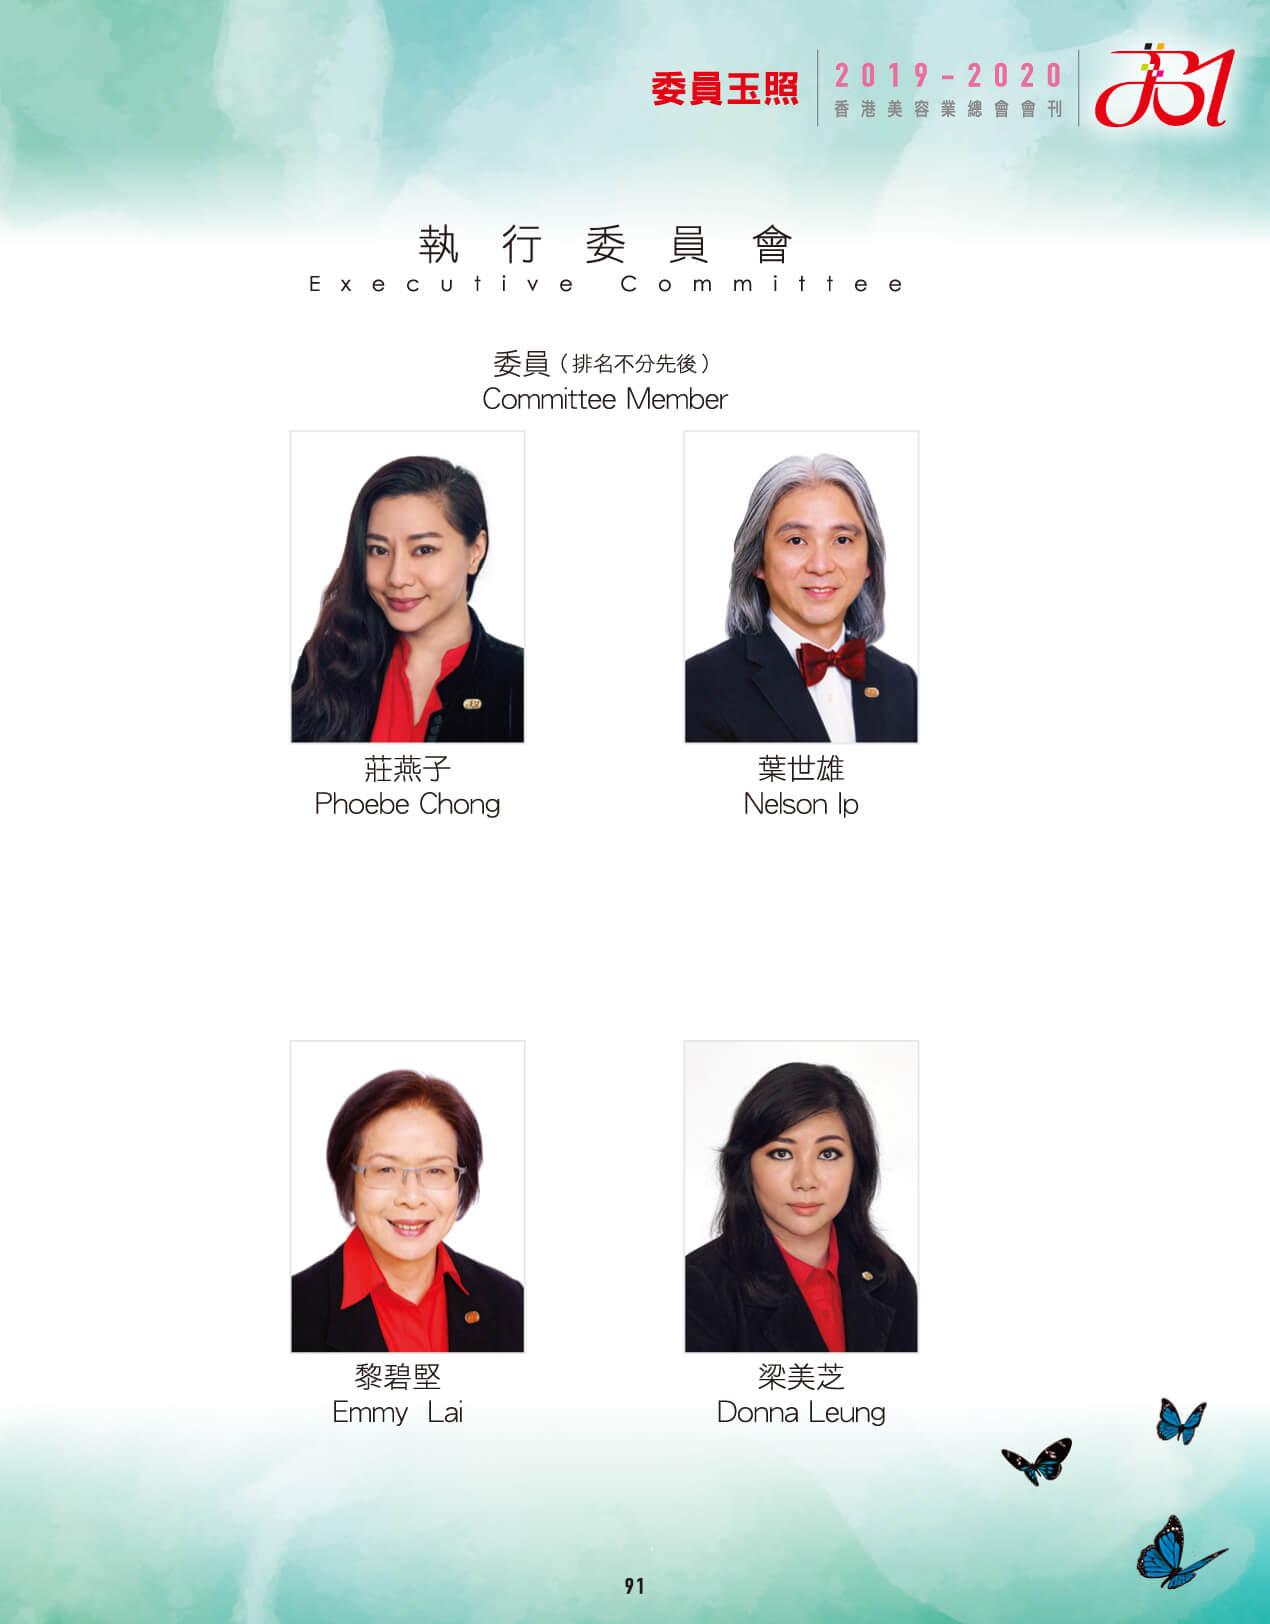 P091-2019-2020-FBi-Executive Committee